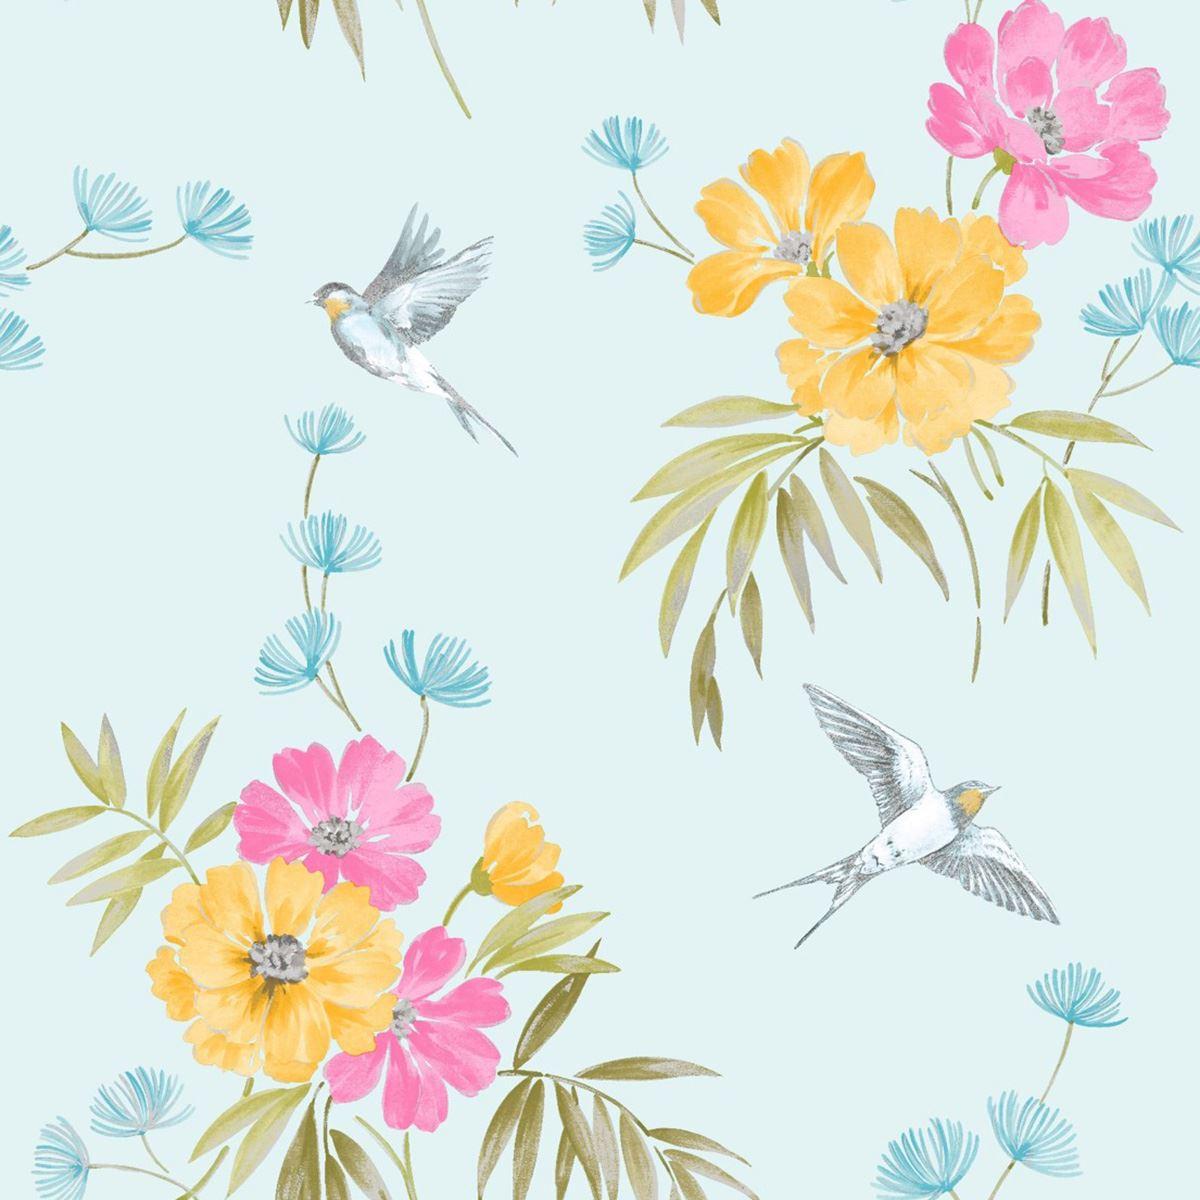 Teal Floral Wallpaper - Flower And Bird Designs - HD Wallpaper